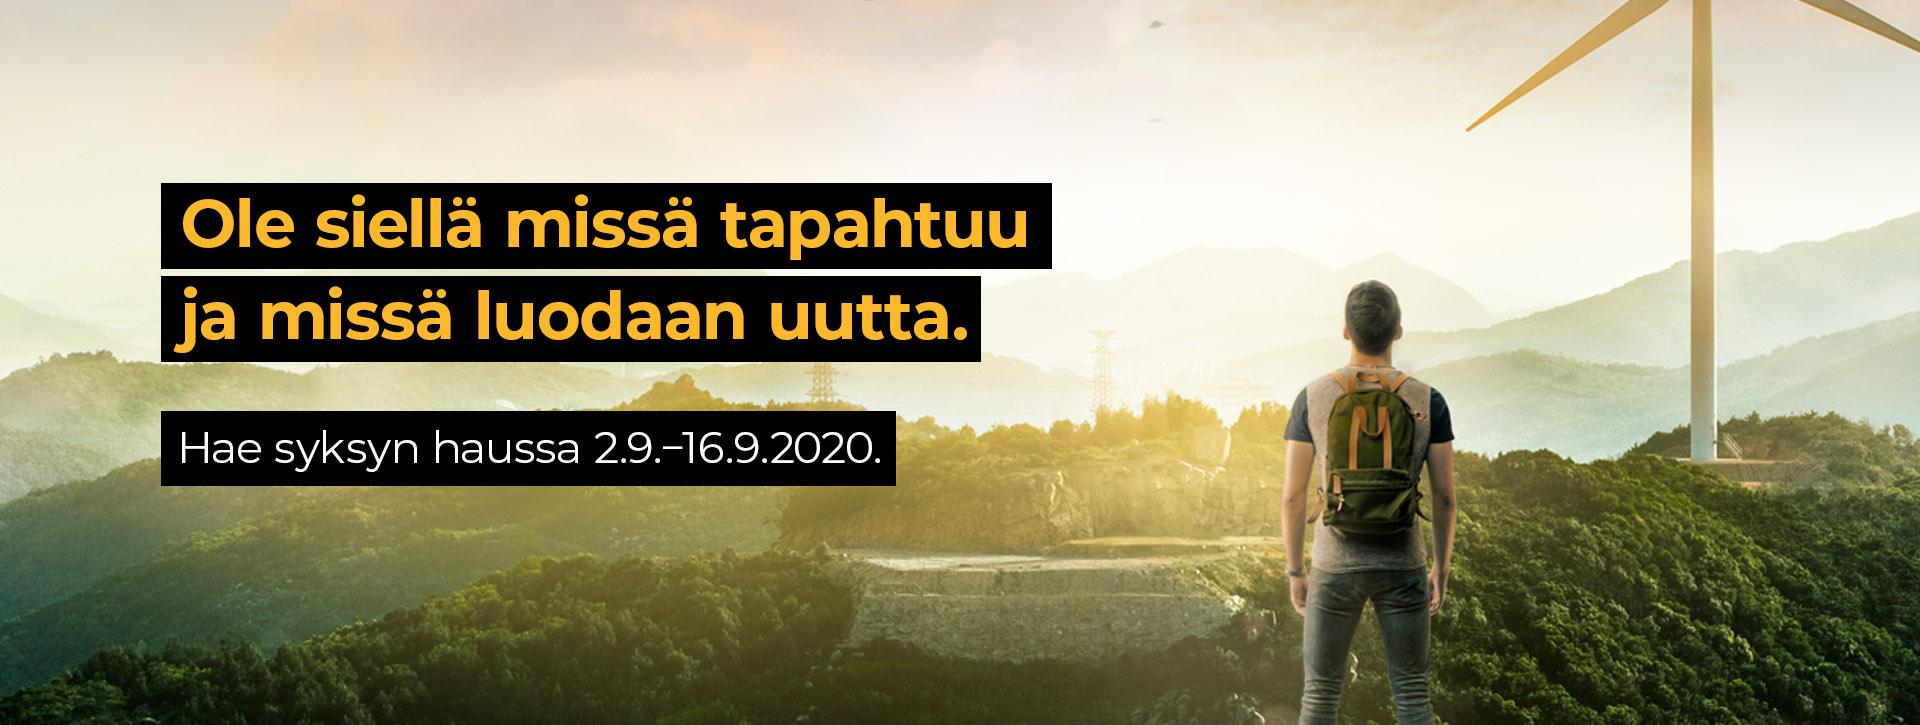 Syksyn hakuaika ammattikorkeakouluihin on 2.-16.9.2020.